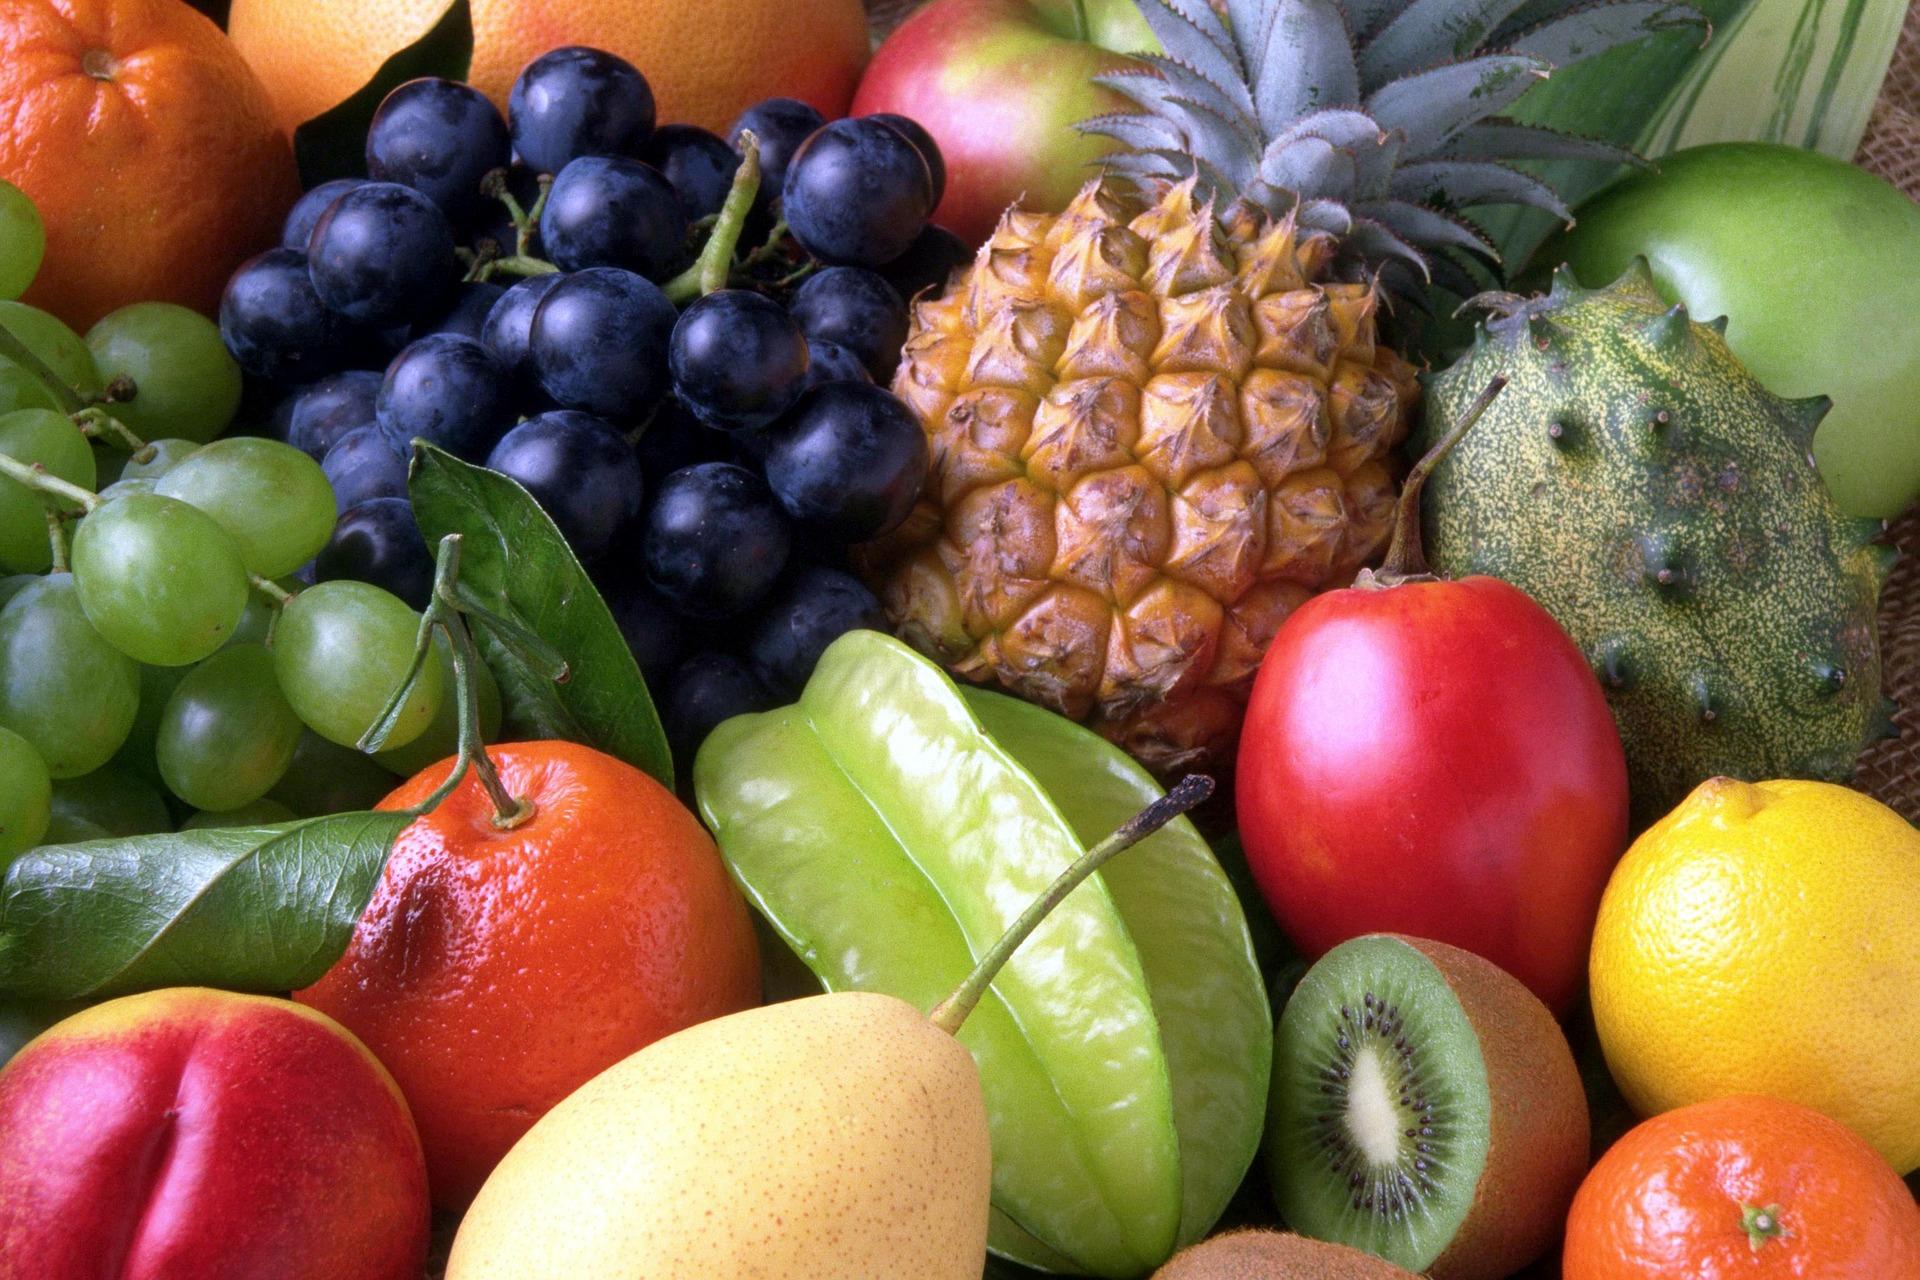 Vitalstoffe, Vitamine, Mineralien, Spurenelemente, Enzyme, Orthomolekularmedizin, Ernährungswissenschaft, Gesunde Ernährung, Gesundheit, Vitalität